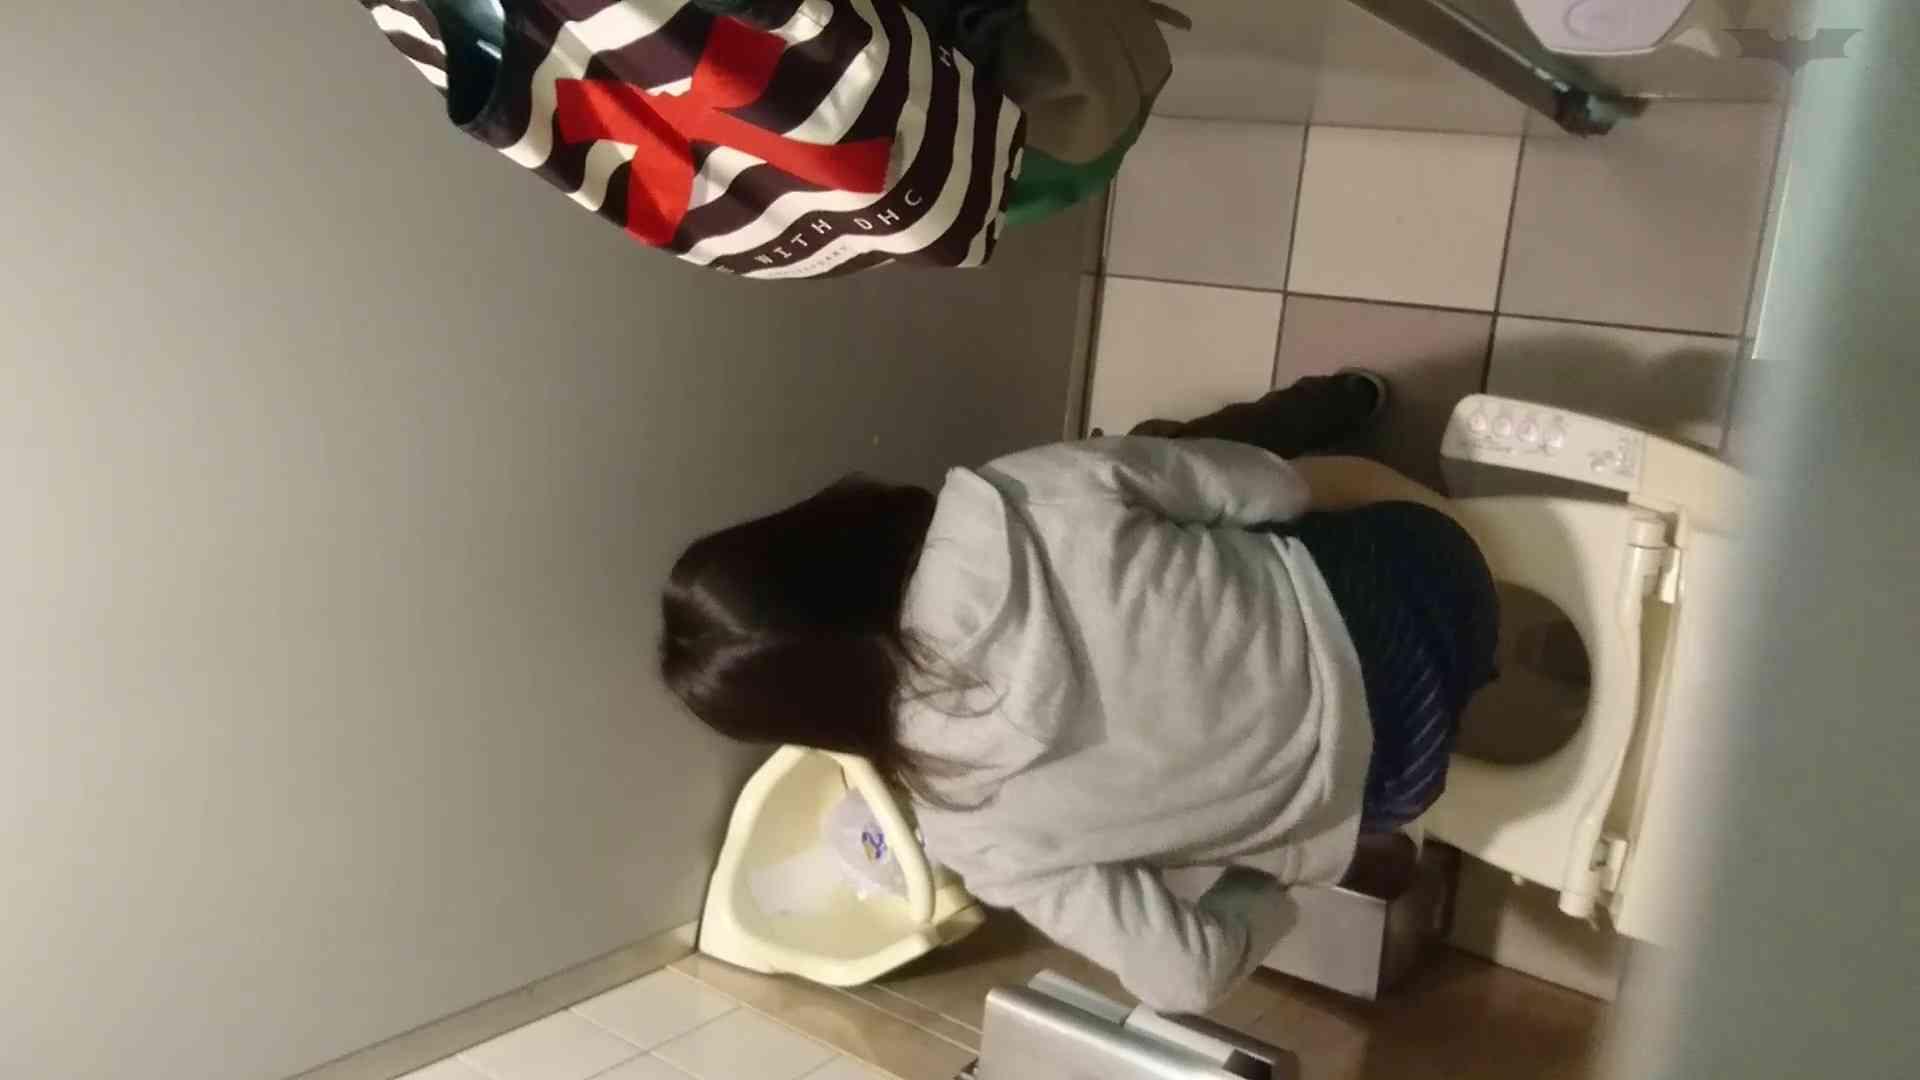 化粧室絵巻 ショッピングモール編 VOL.23 若いギャルが登場! ギャル盗撮映像  101PIX 60